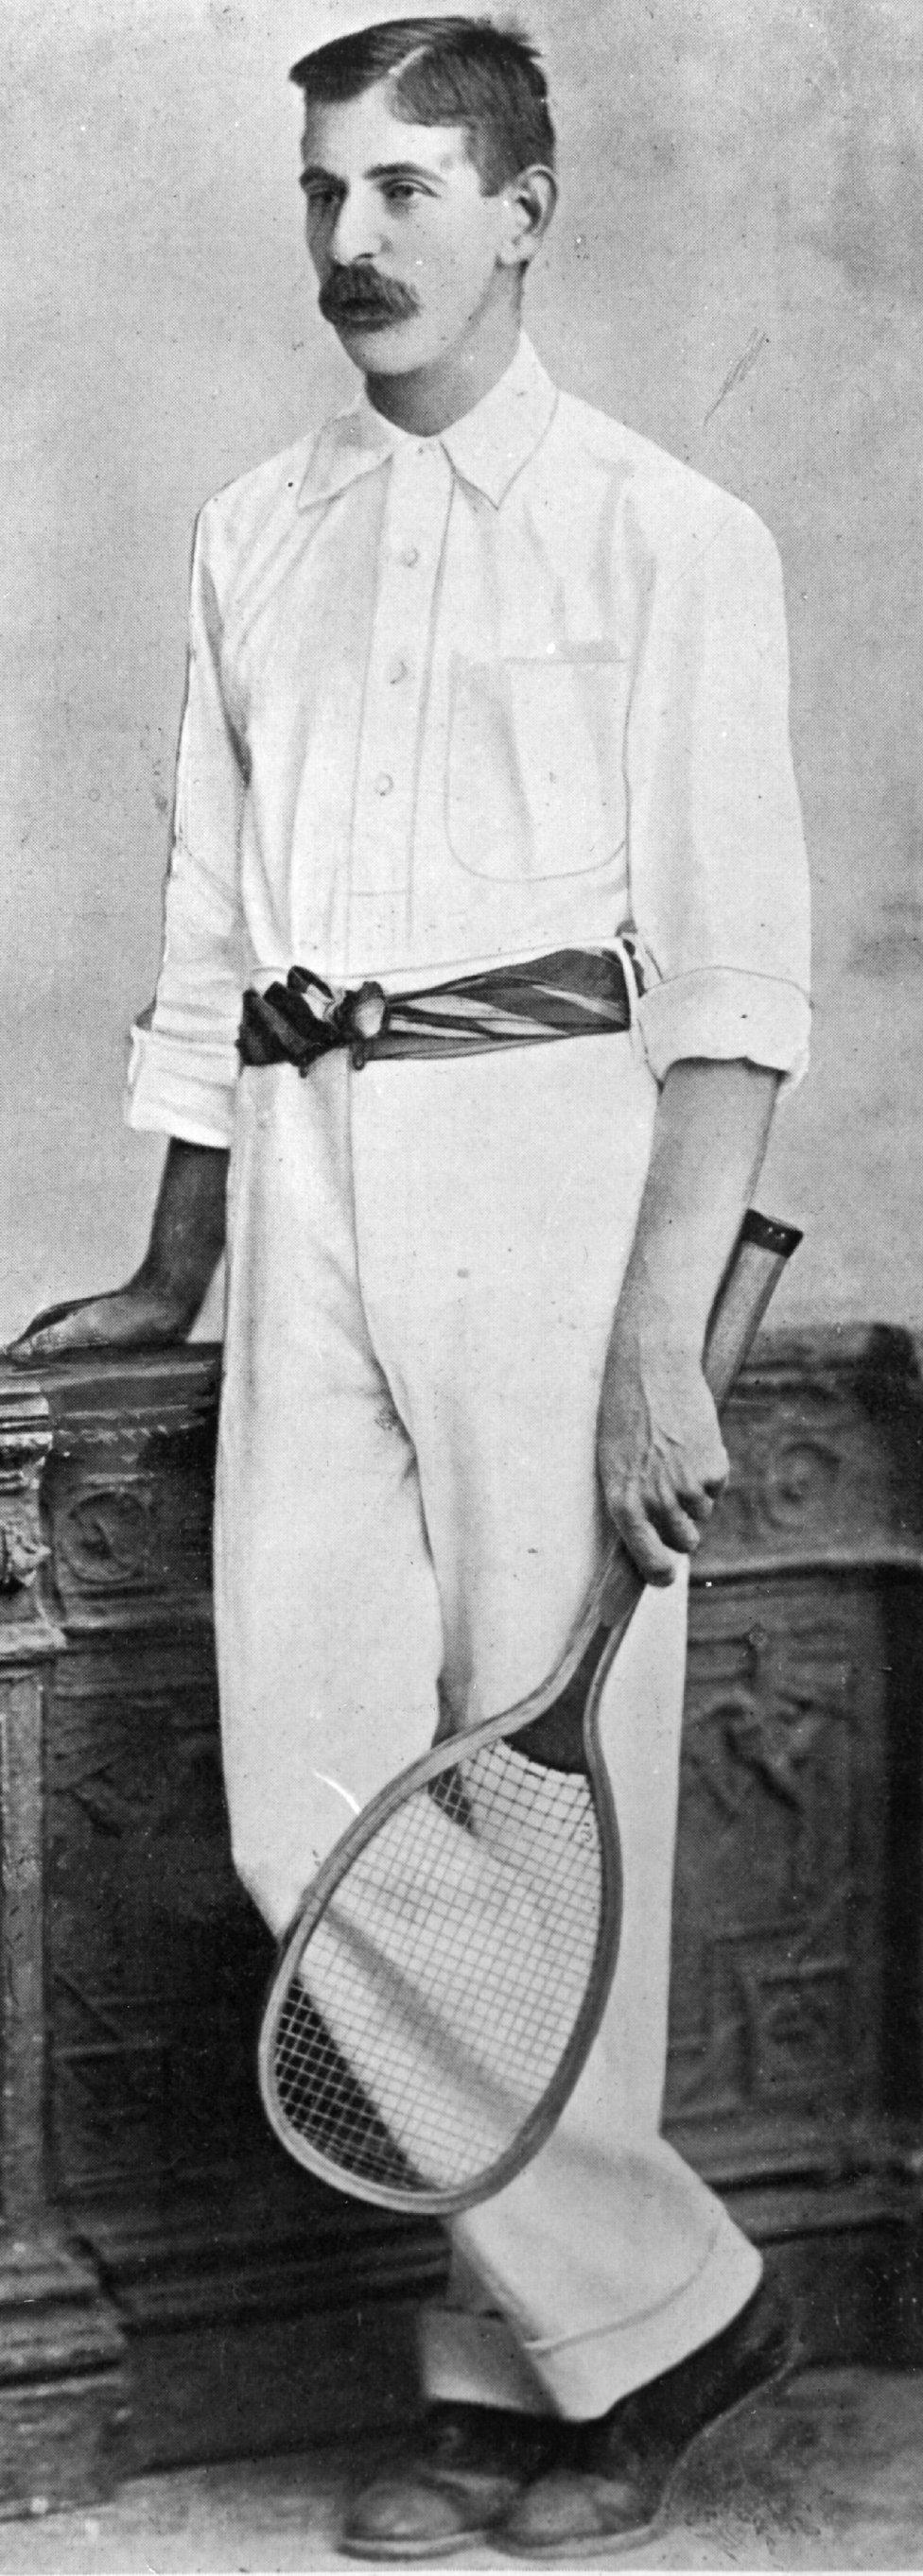 La evolución de la vestimenta masculina en Wimbledon